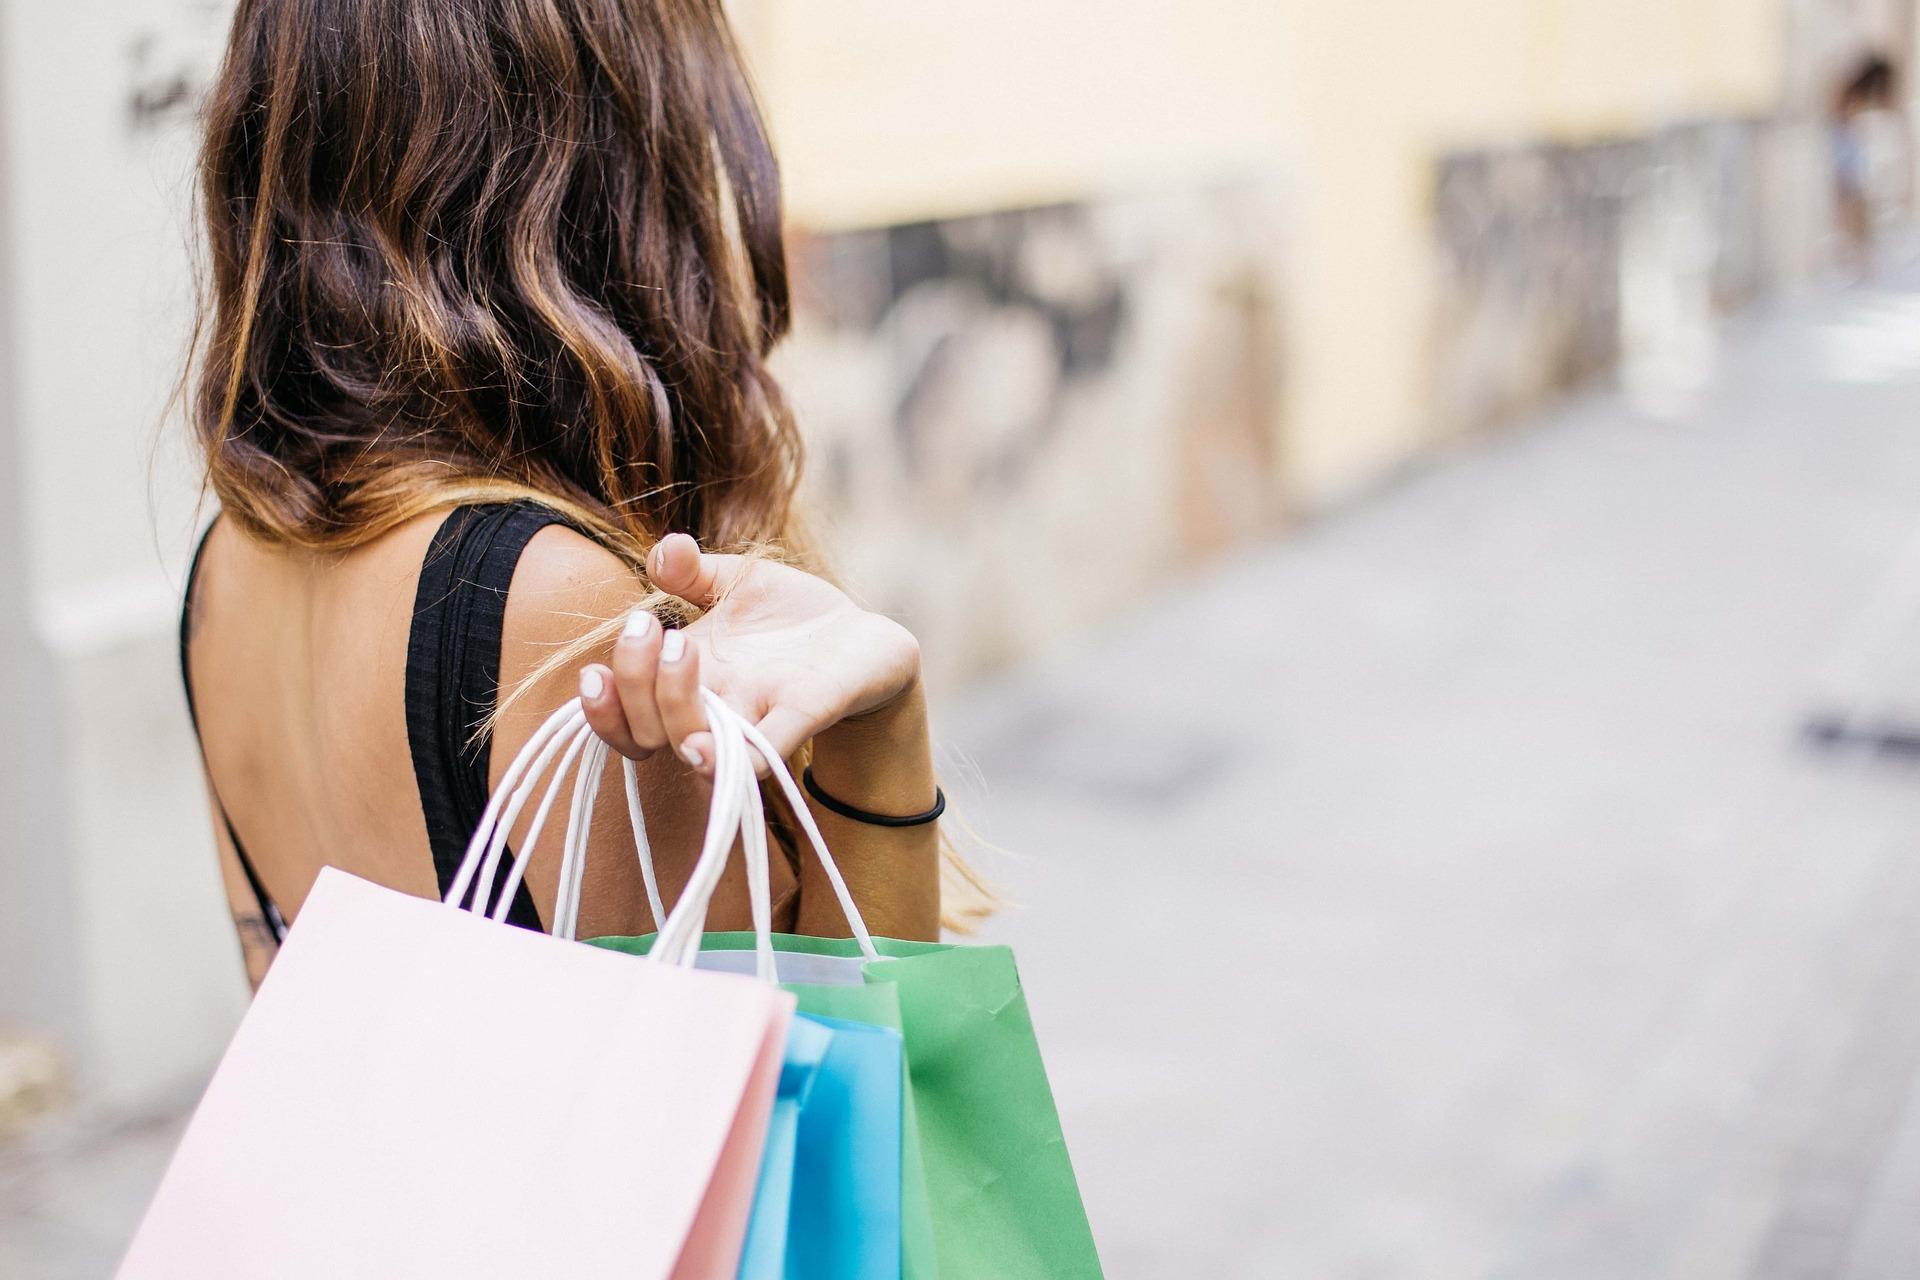 imagen sobre la adicción a las compras